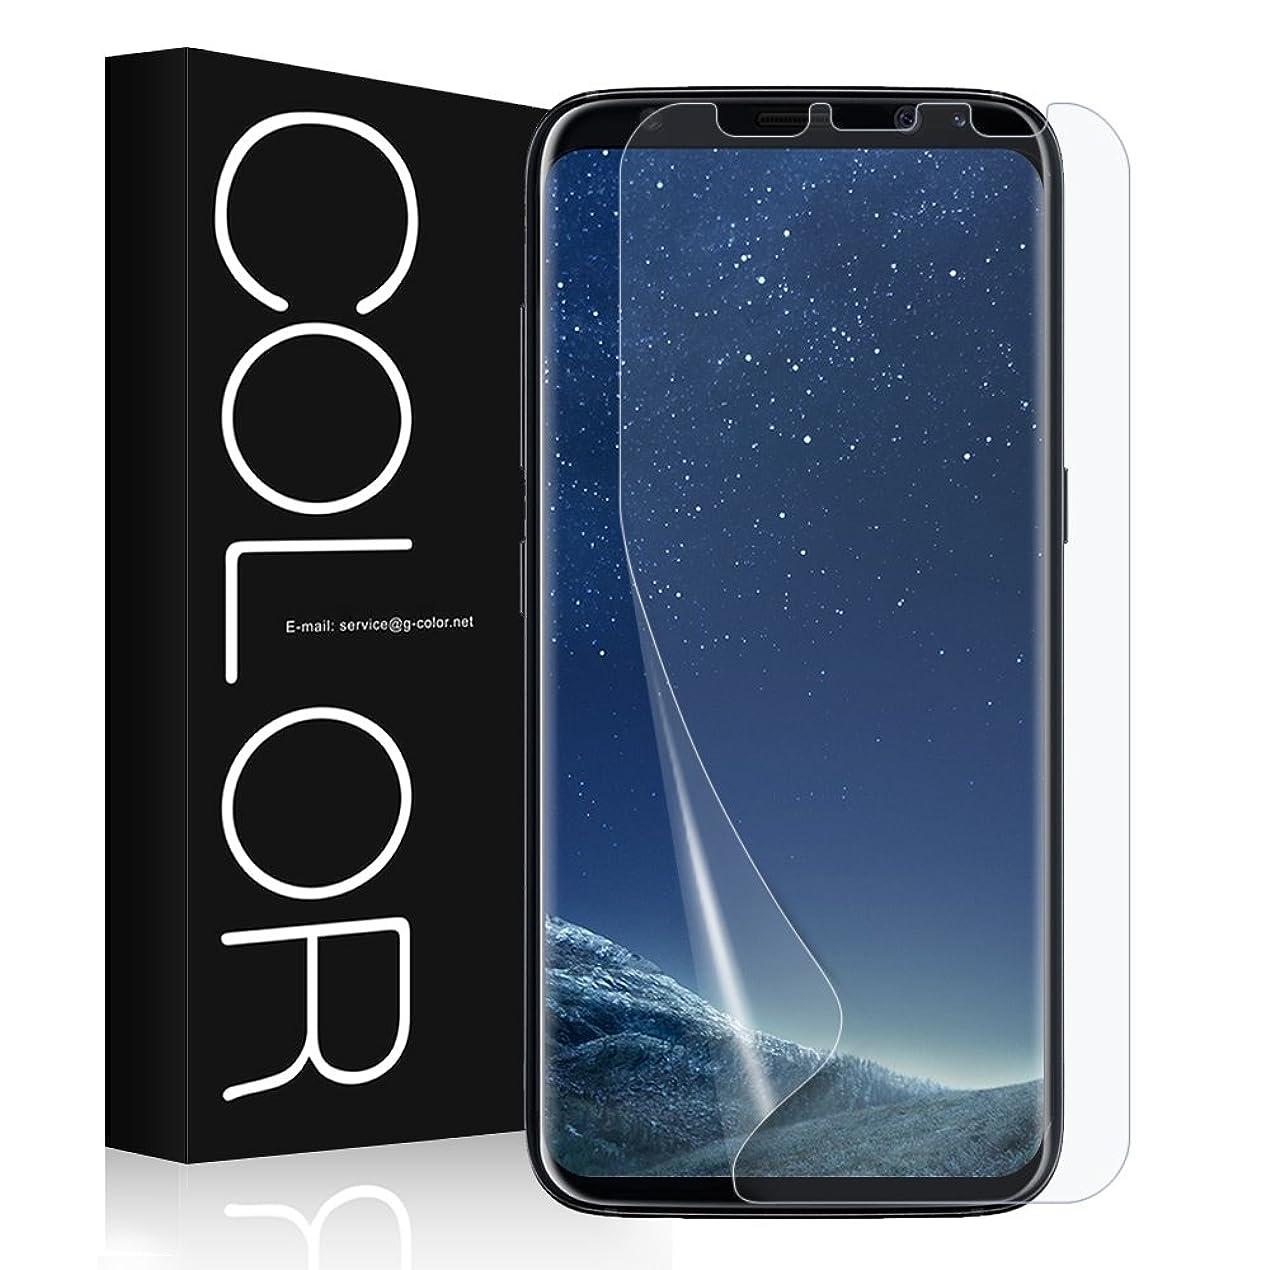 ブランクイノセンス強度Galaxy S8+ フィルム G-Color Galaxy S8 Plus フィルム 全面保護 気泡ゼロ ケースに干渉せず 非ガラスフィルム 貼り直しができる Samsung Galaxy S8+/S8 Plus 対応 6.2インチ 透明ケース付き (TPU保護フィルム)